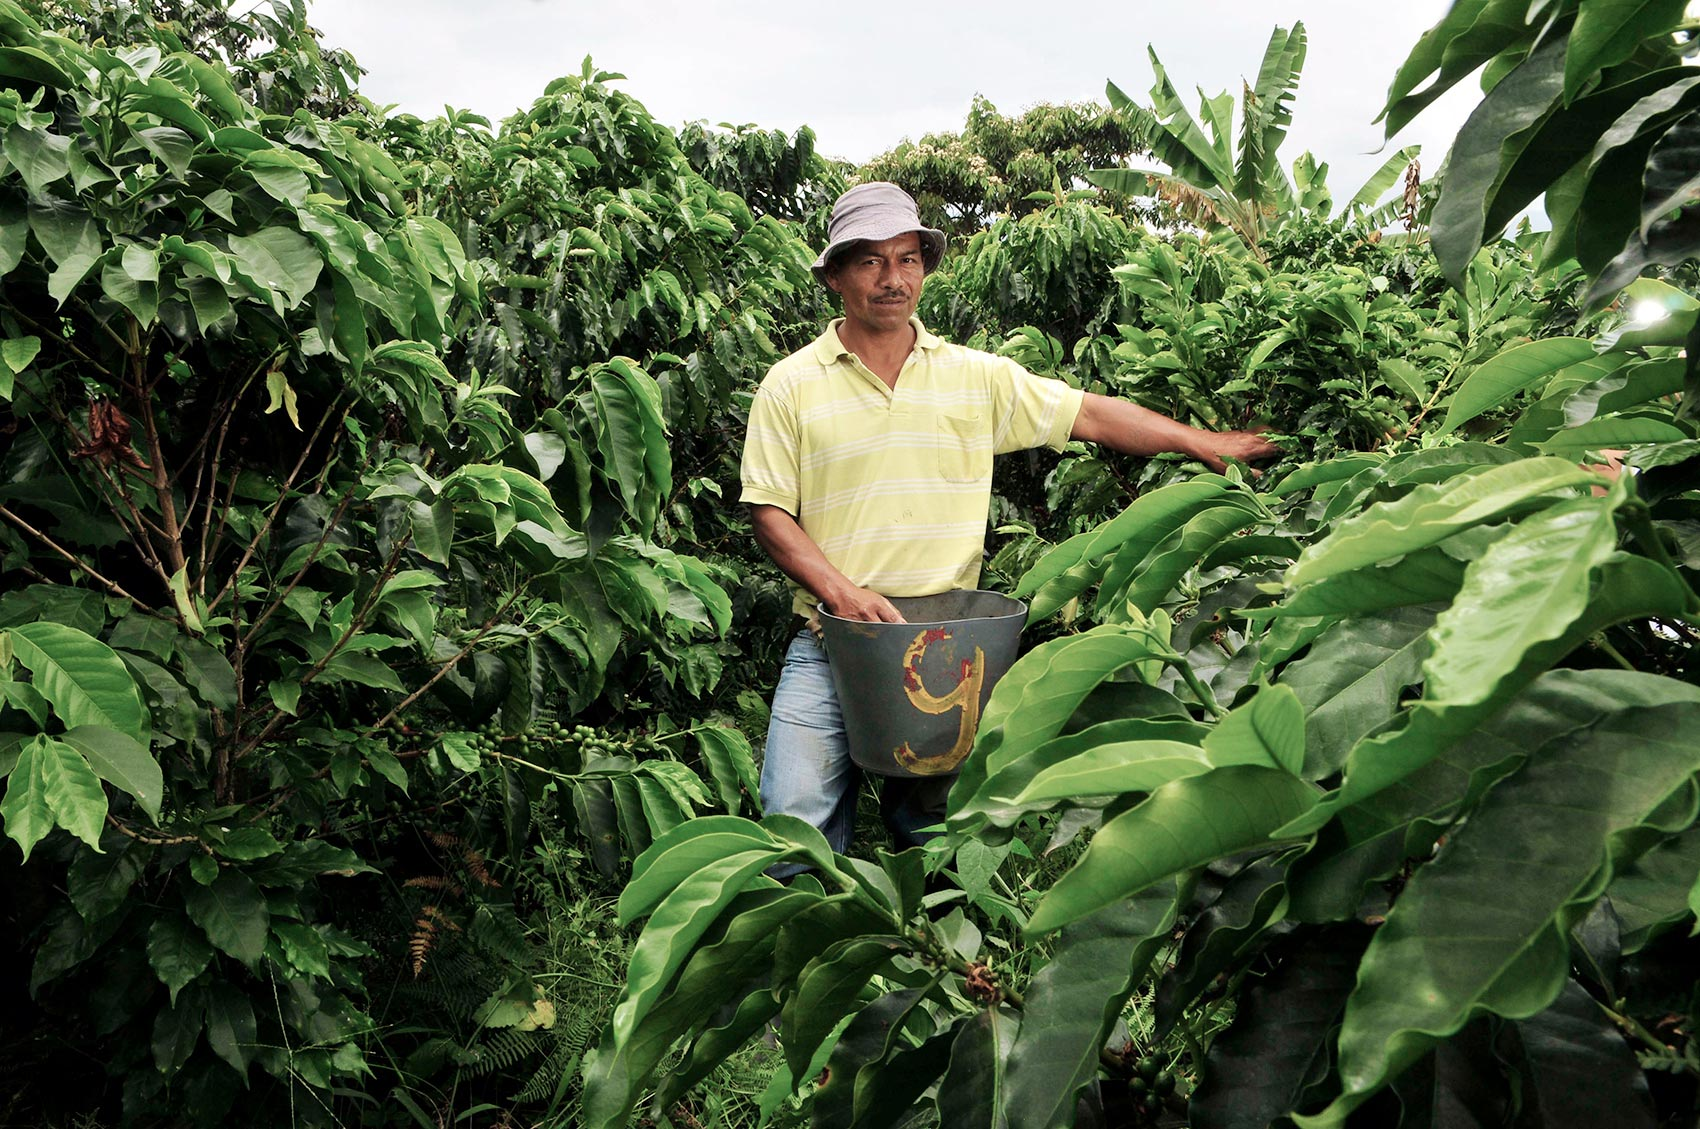 Kaffeebauer bei der Ernte